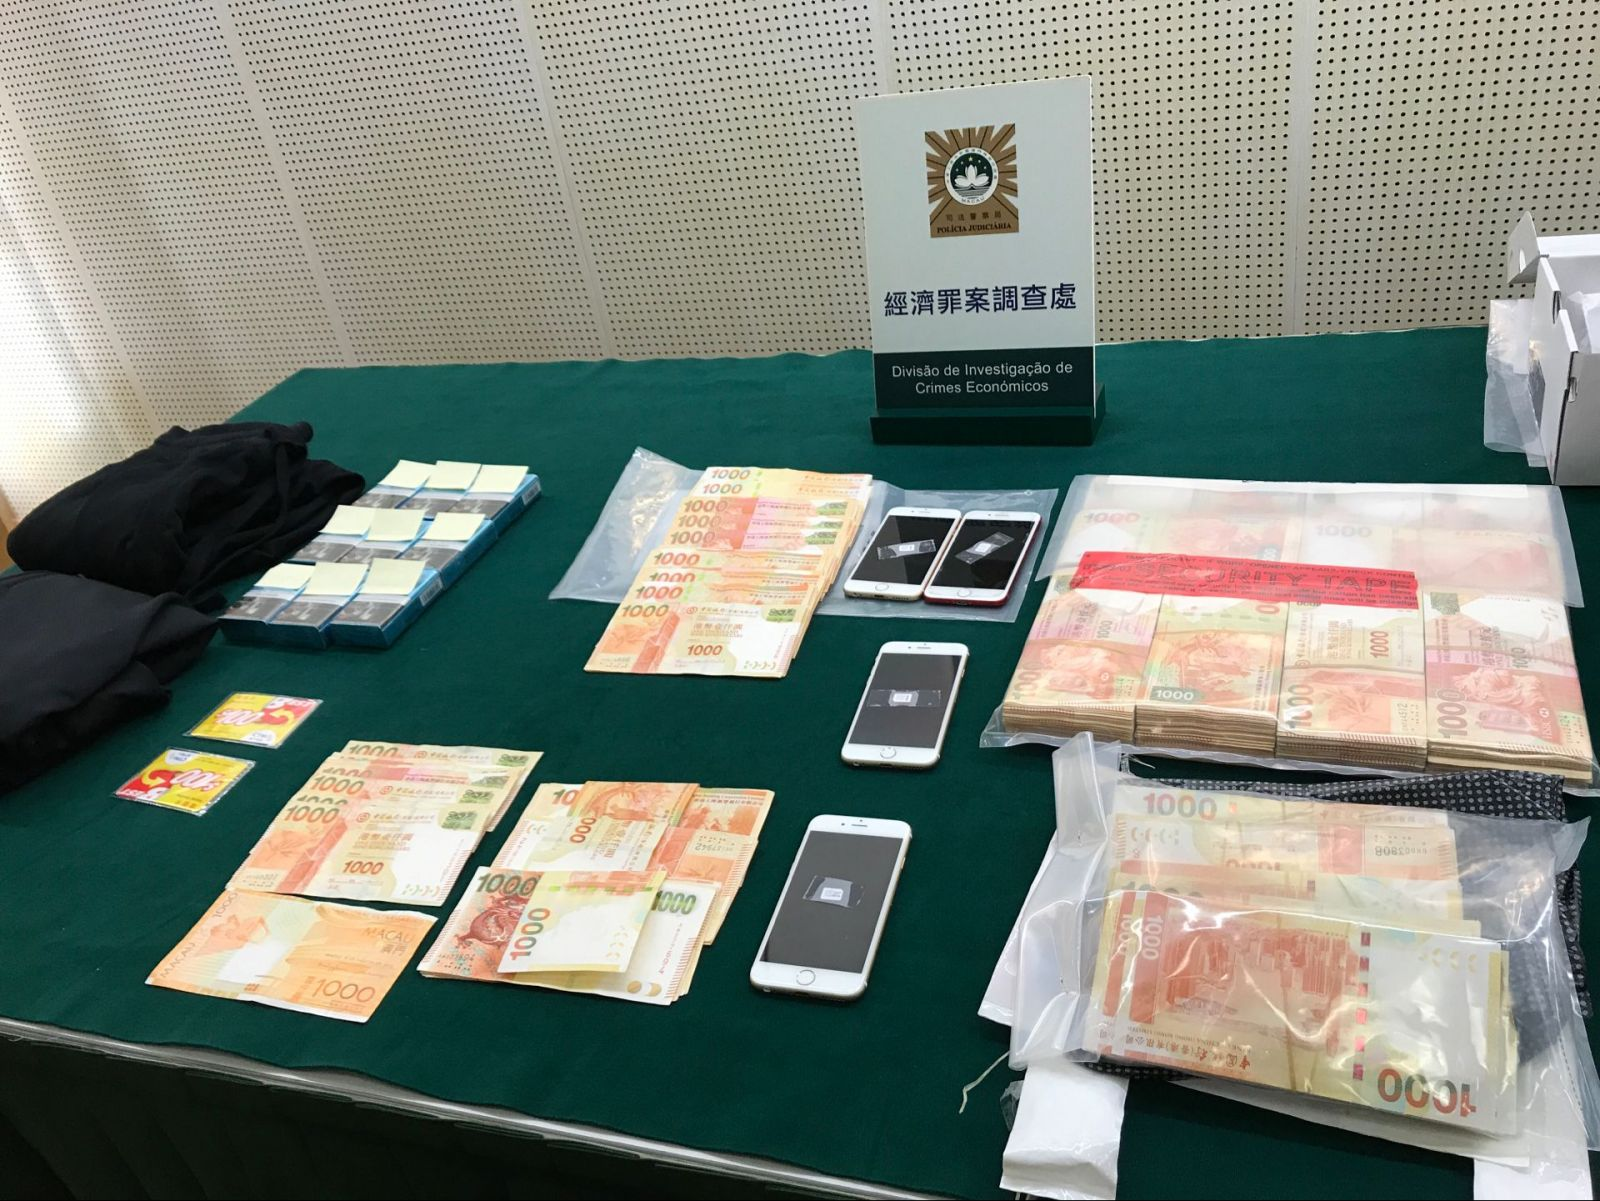 司警迅速破案起回大部分贓款